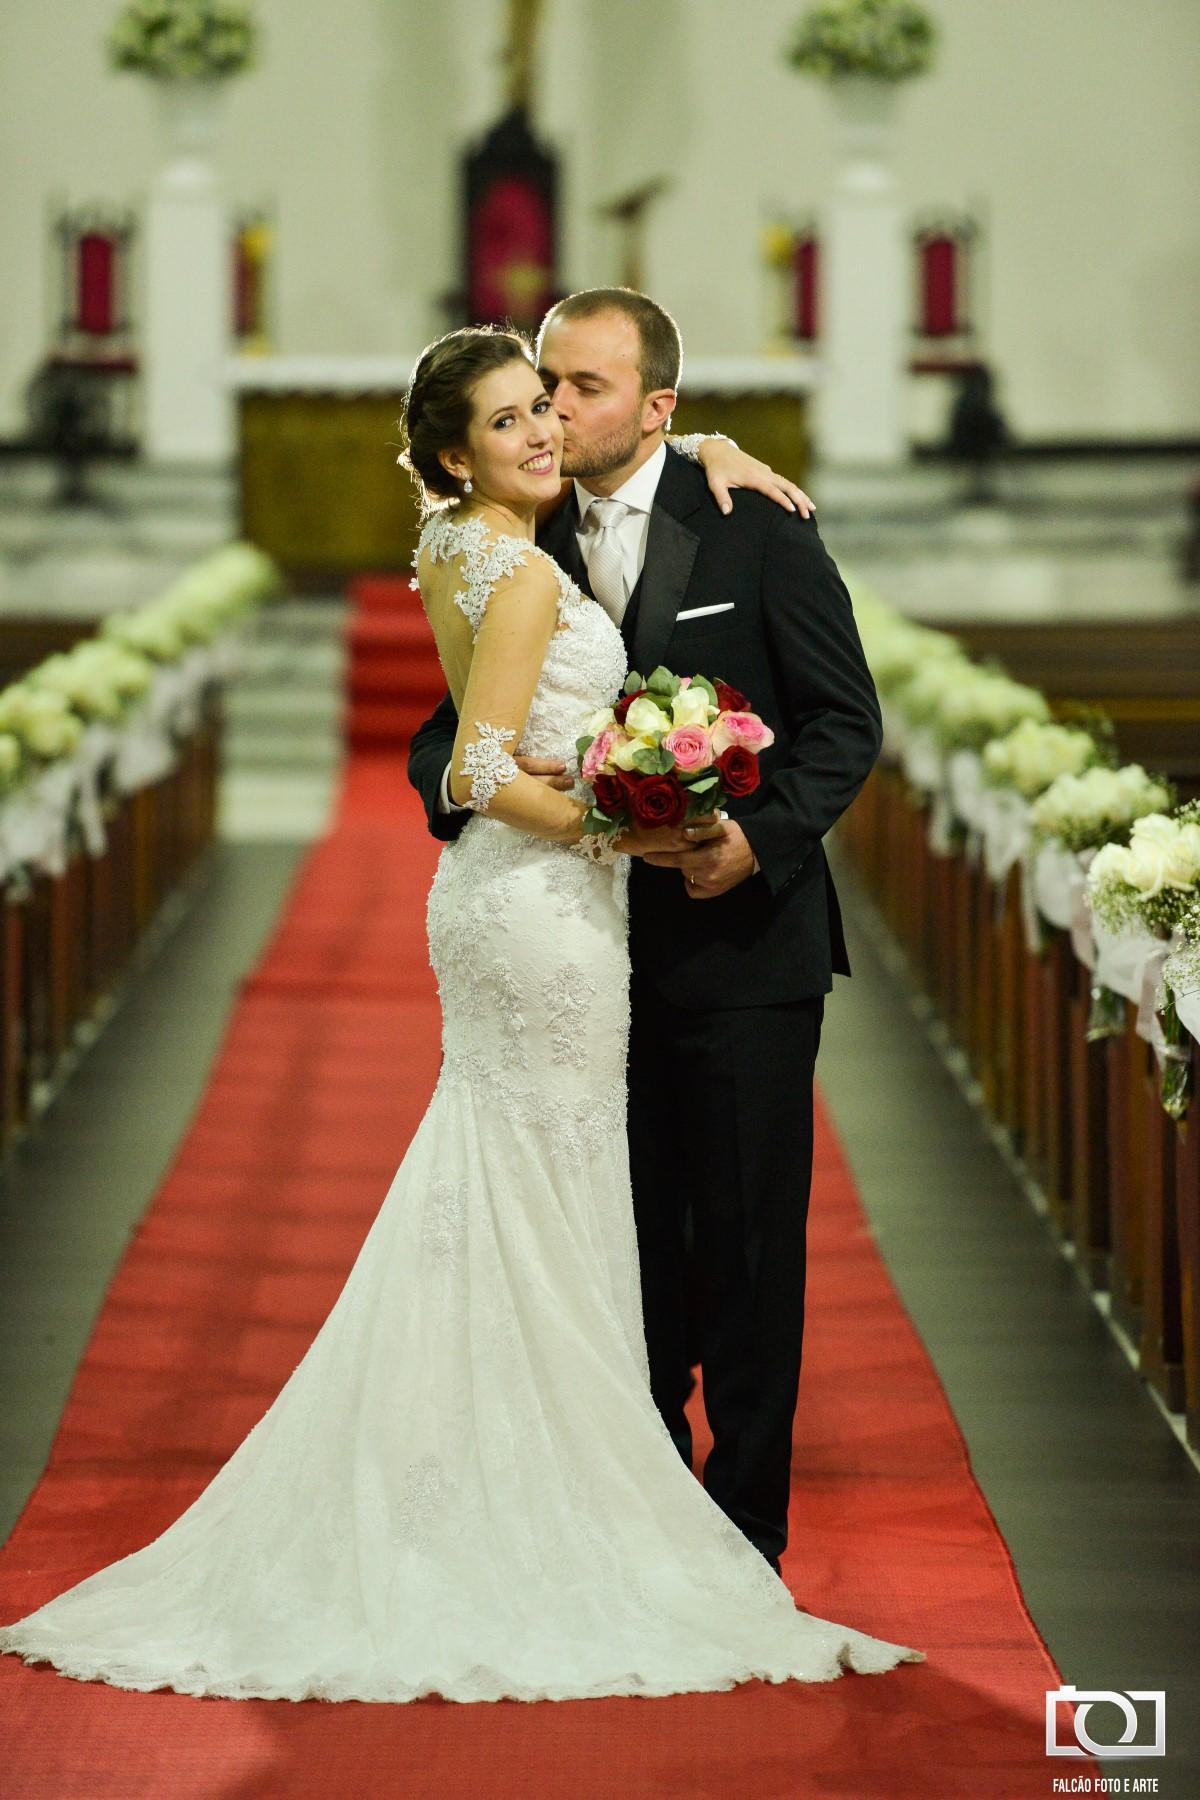 Foto de um casal recém-casados abraçados na igreja enquanto o marido beija a esposa.